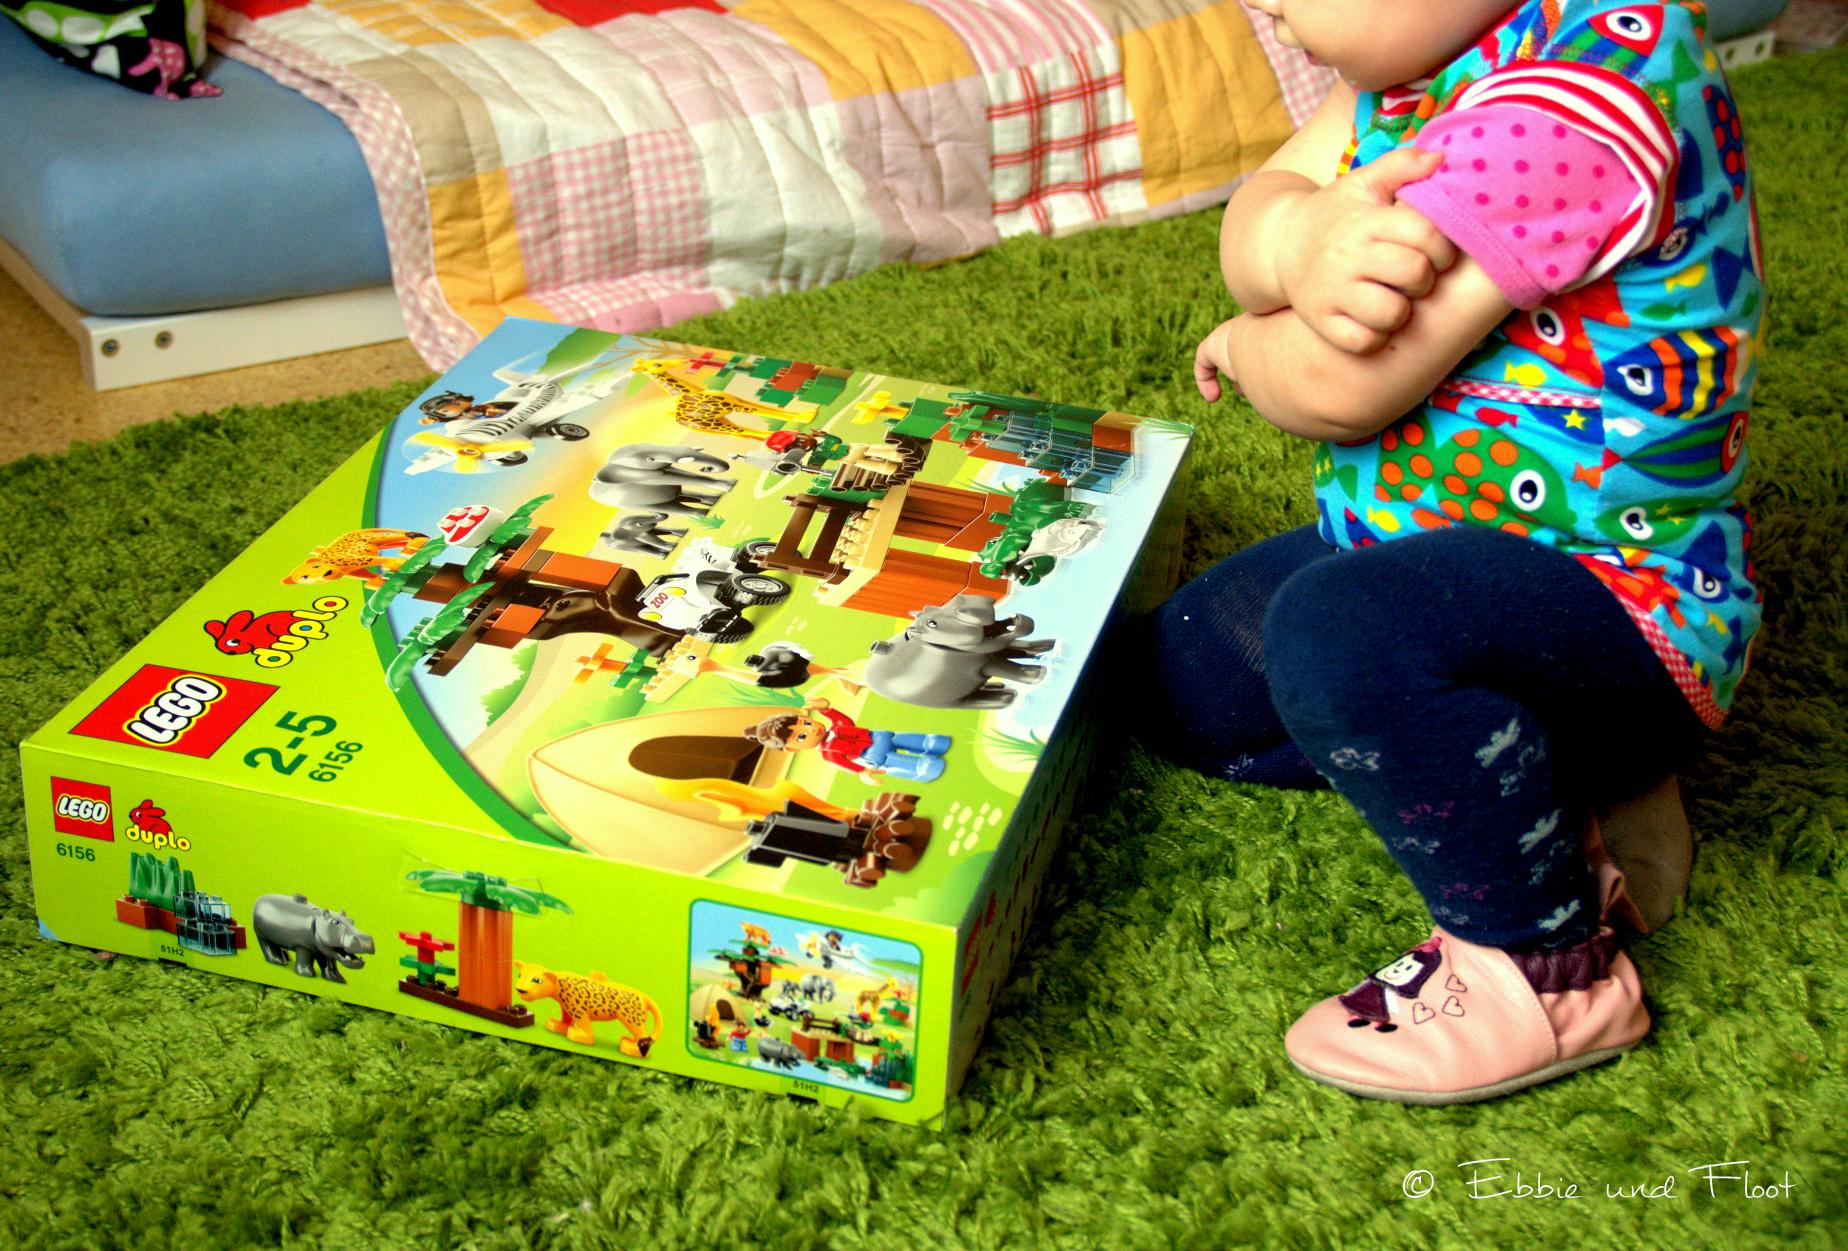 ebbie-und-floot_LEGO-Duplo_Gewinnspiel_Lillestoff_M.THiemig__0195.NEF